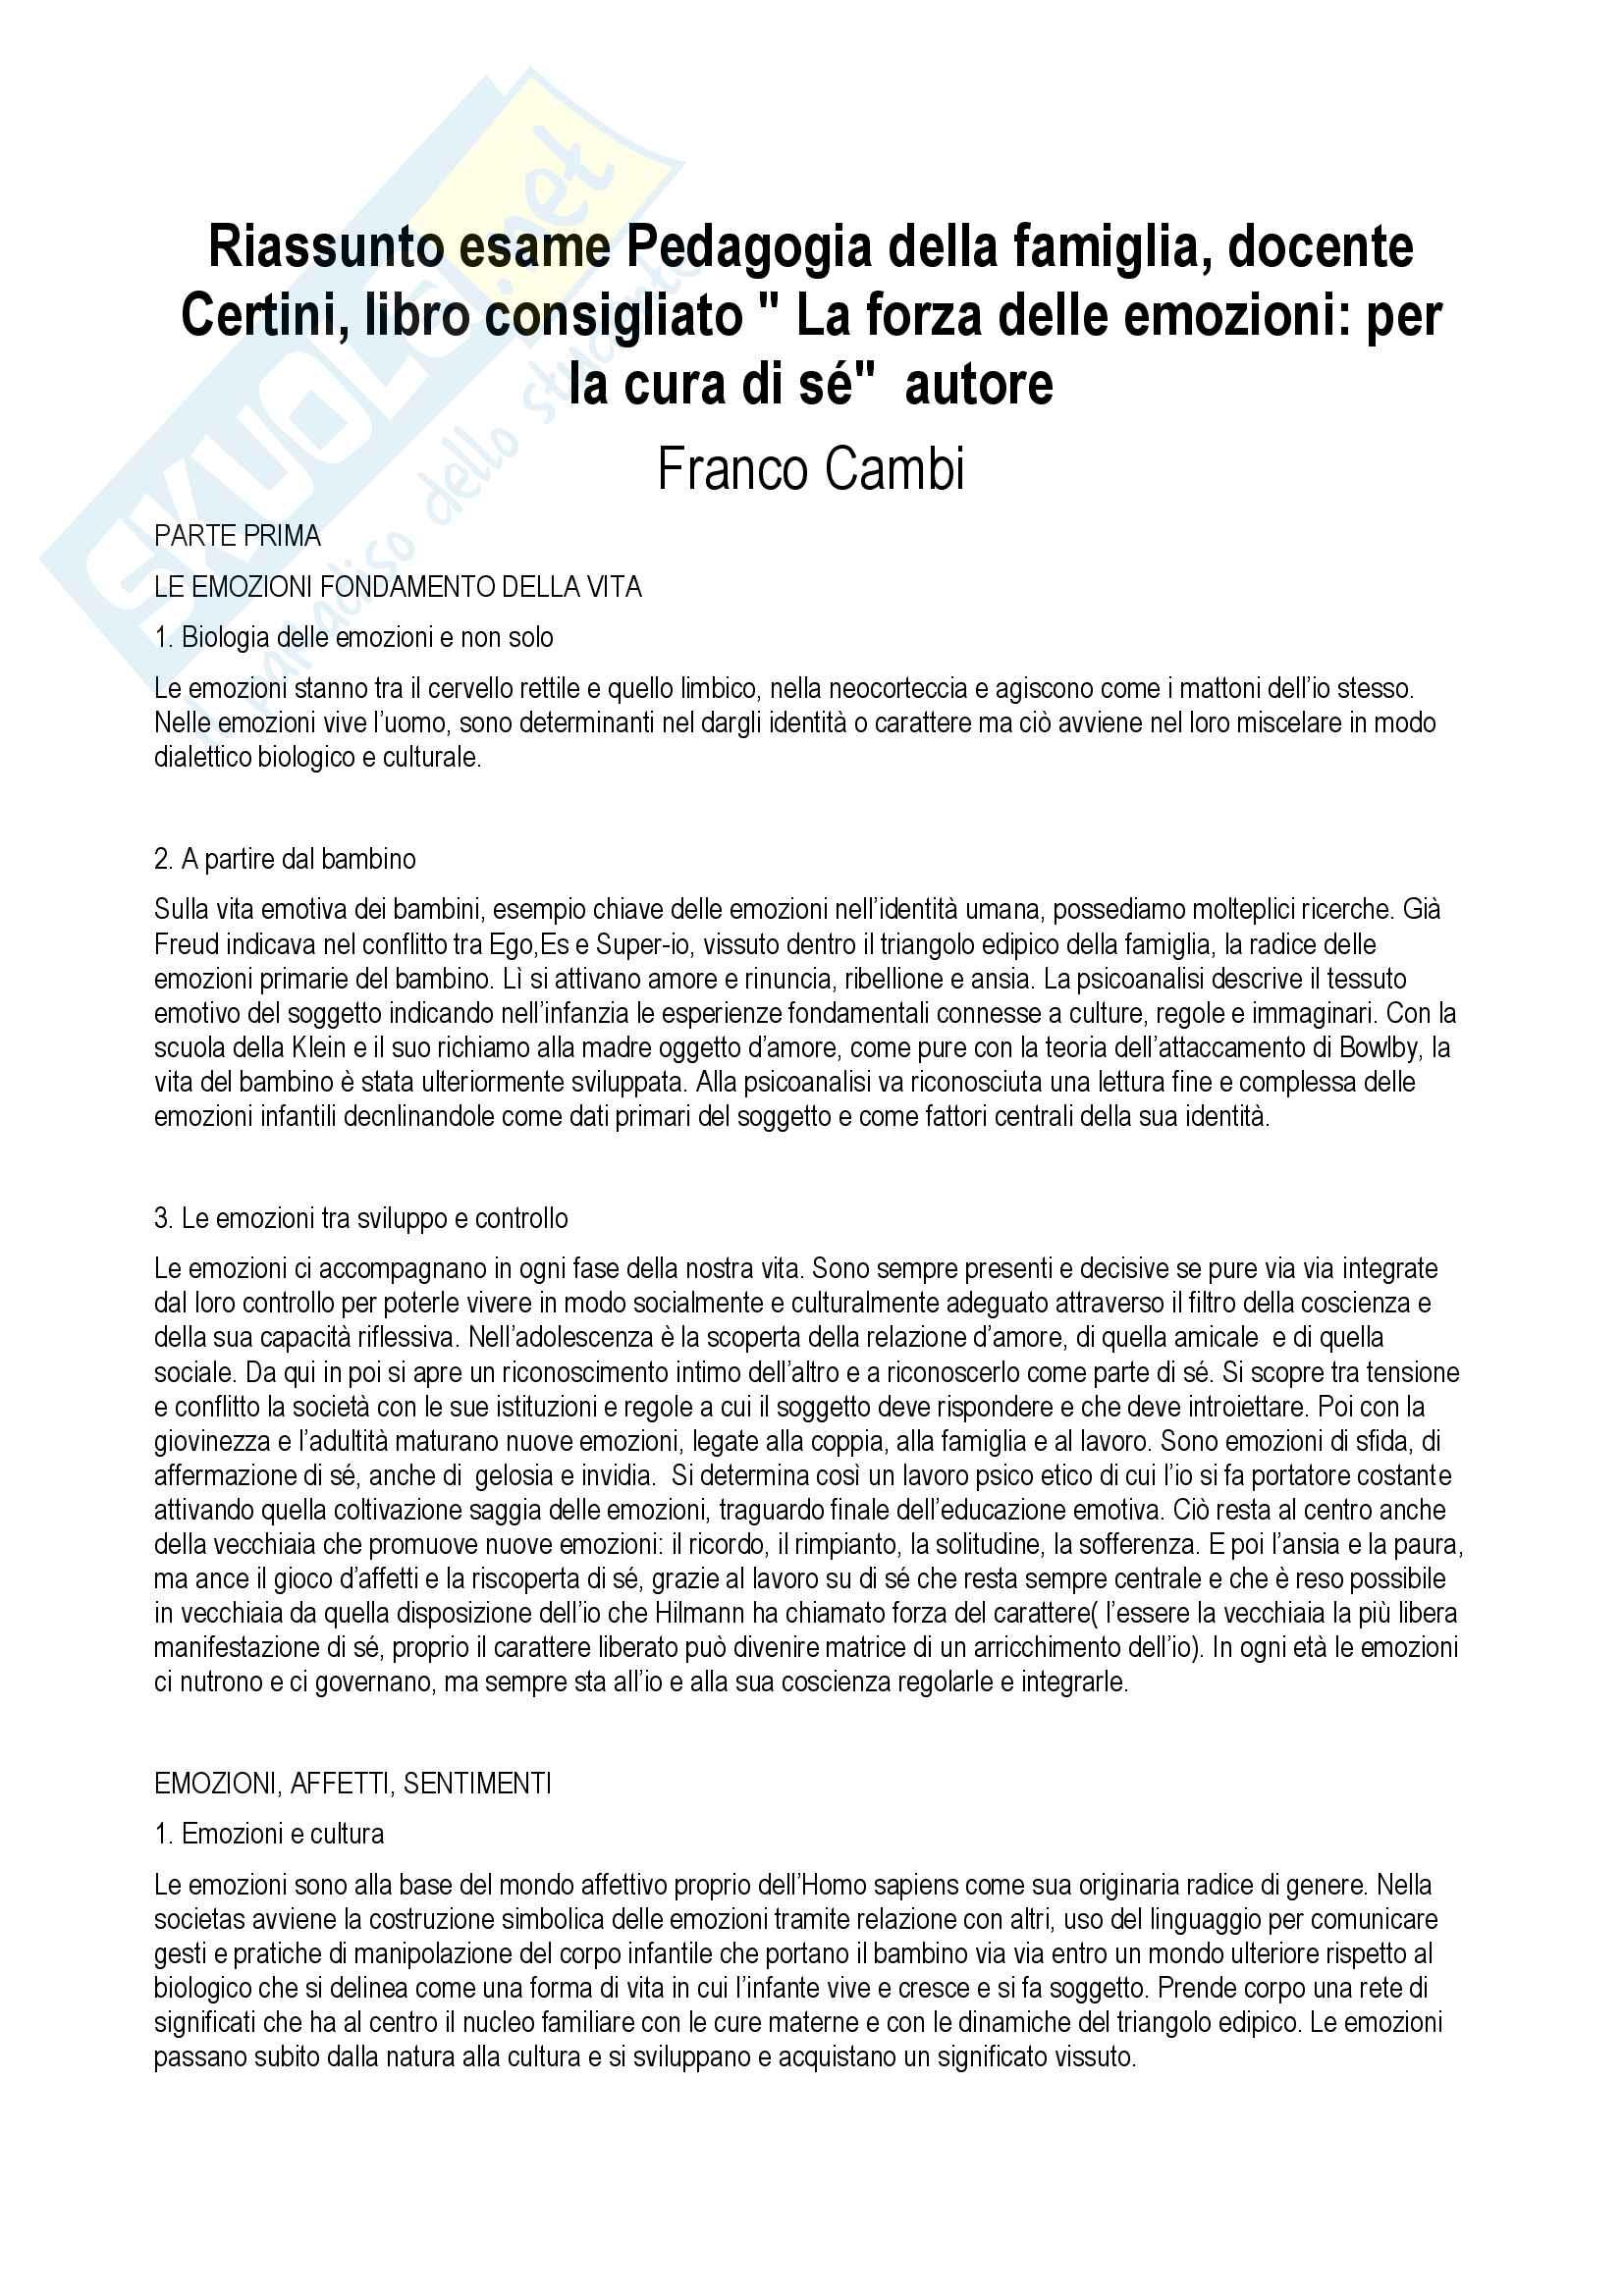 """Riassunto esame Pedagogia della famiglia, docente Certini, libro consigliato """" La forza delle emozioni: per la cura di sé""""  autore Franco Cambi"""